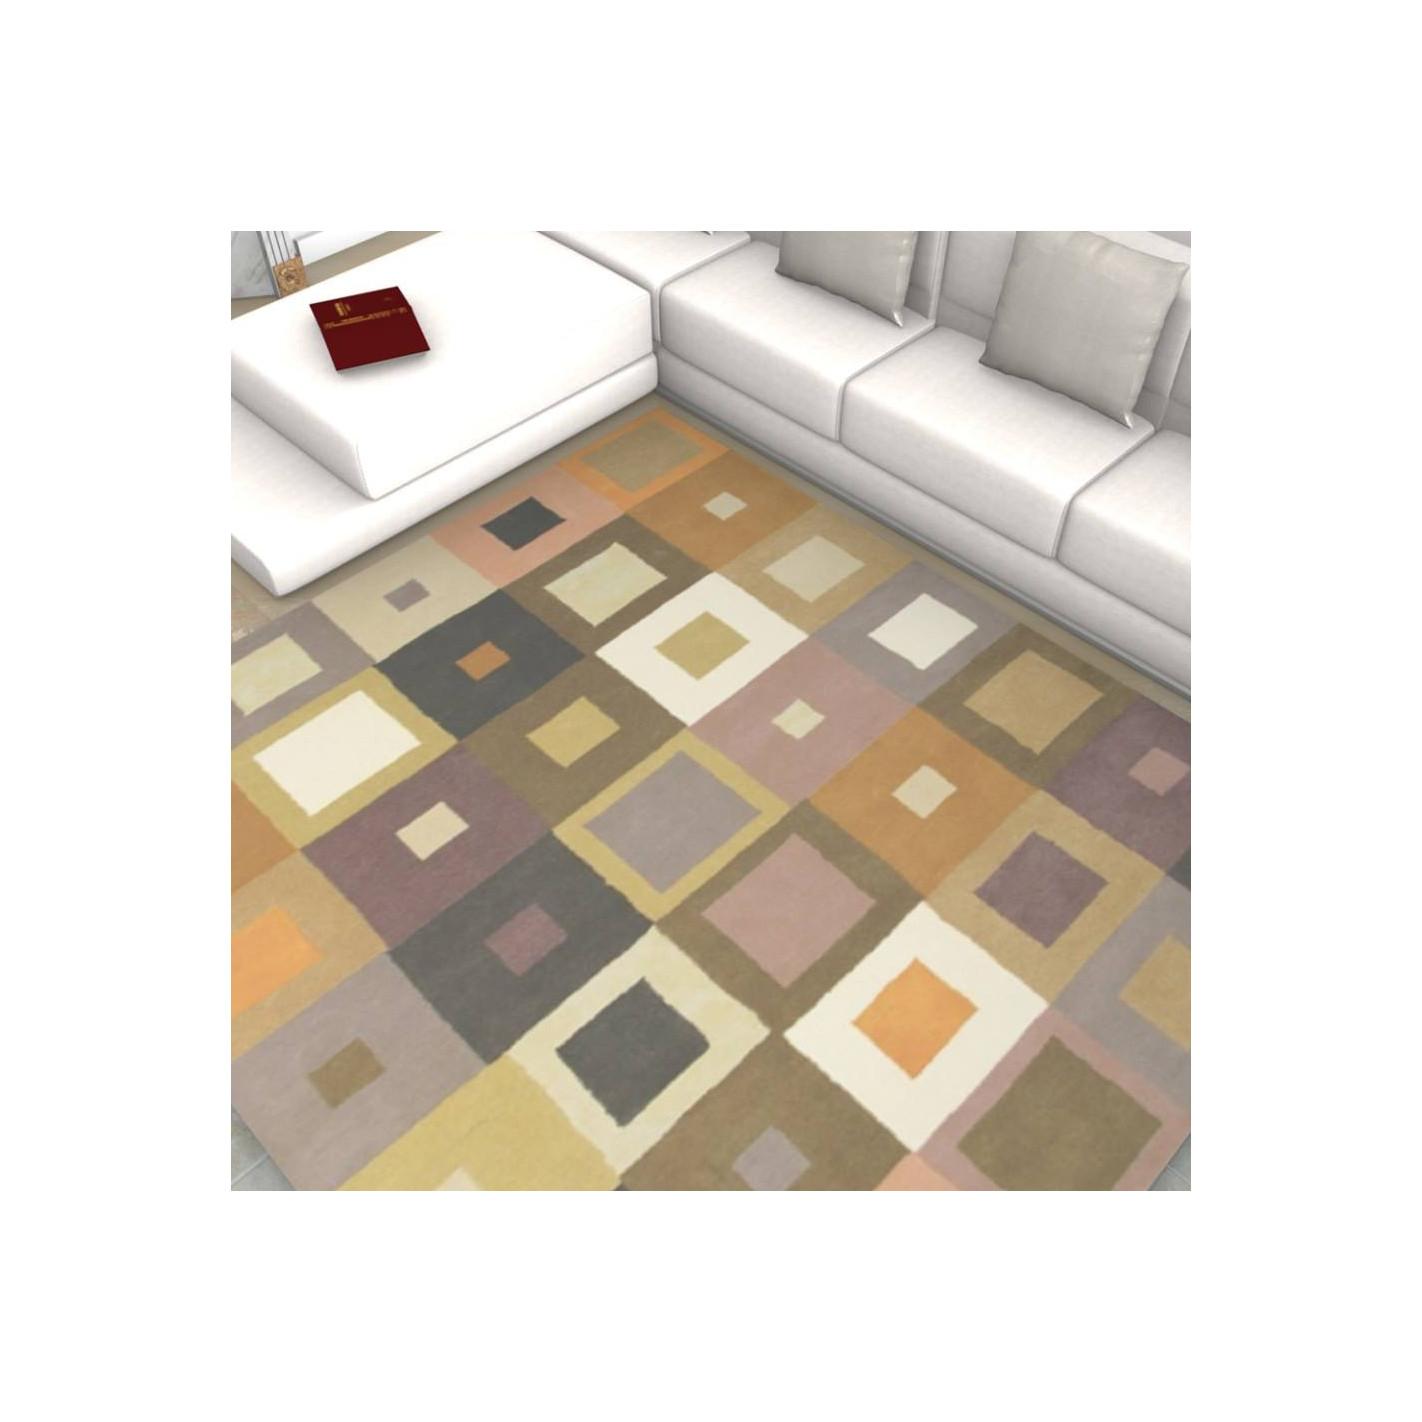 tapis kilim multicolore motifs carr - Tapis Kilim